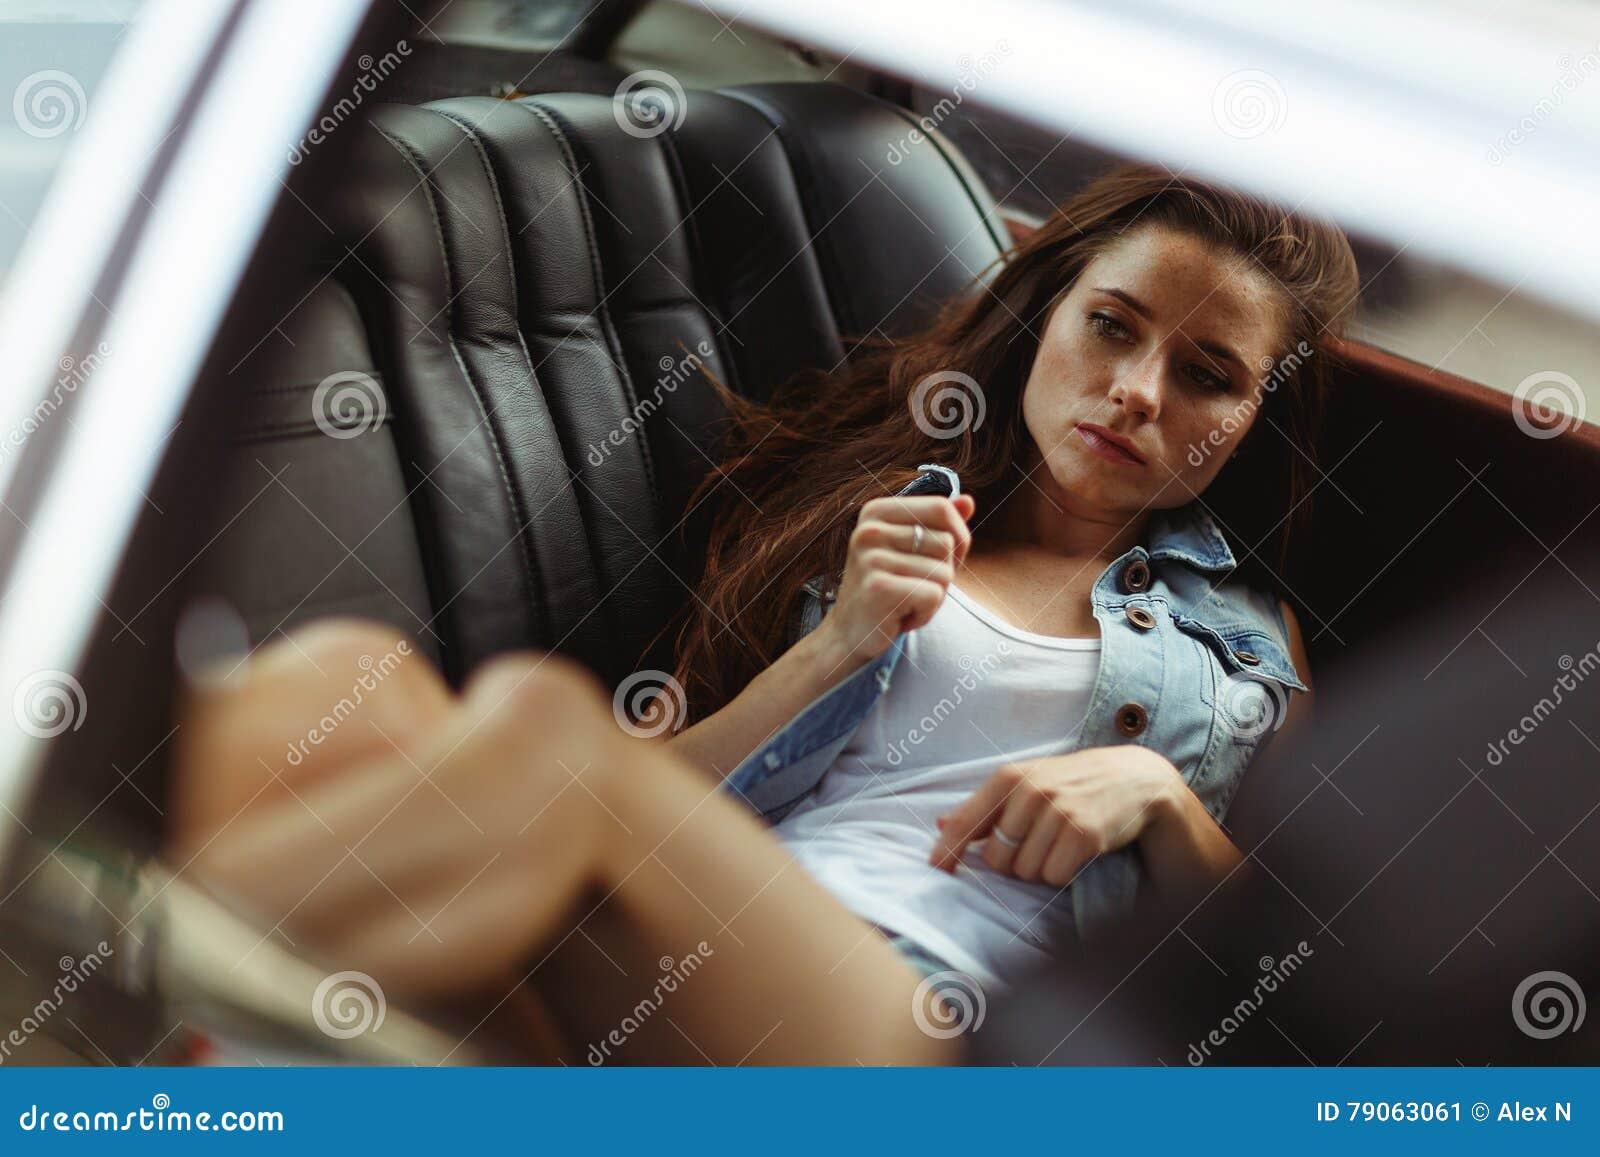 Как девки отдаются на заднем сидении автомобиля фото 488-369